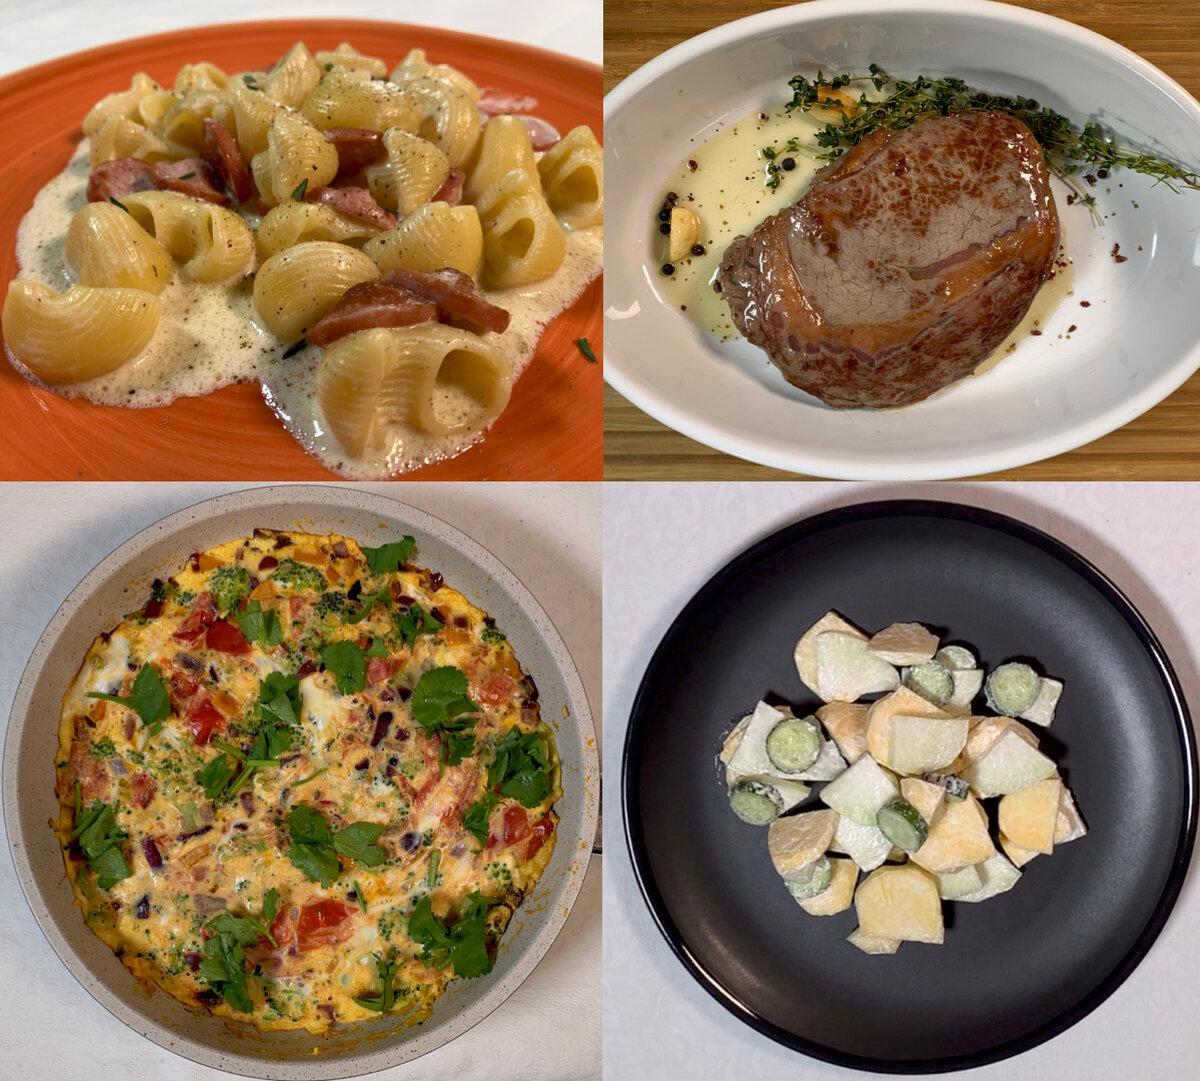 Как приготовить вкусный ужин на скорую руку: 8 простых рецептов